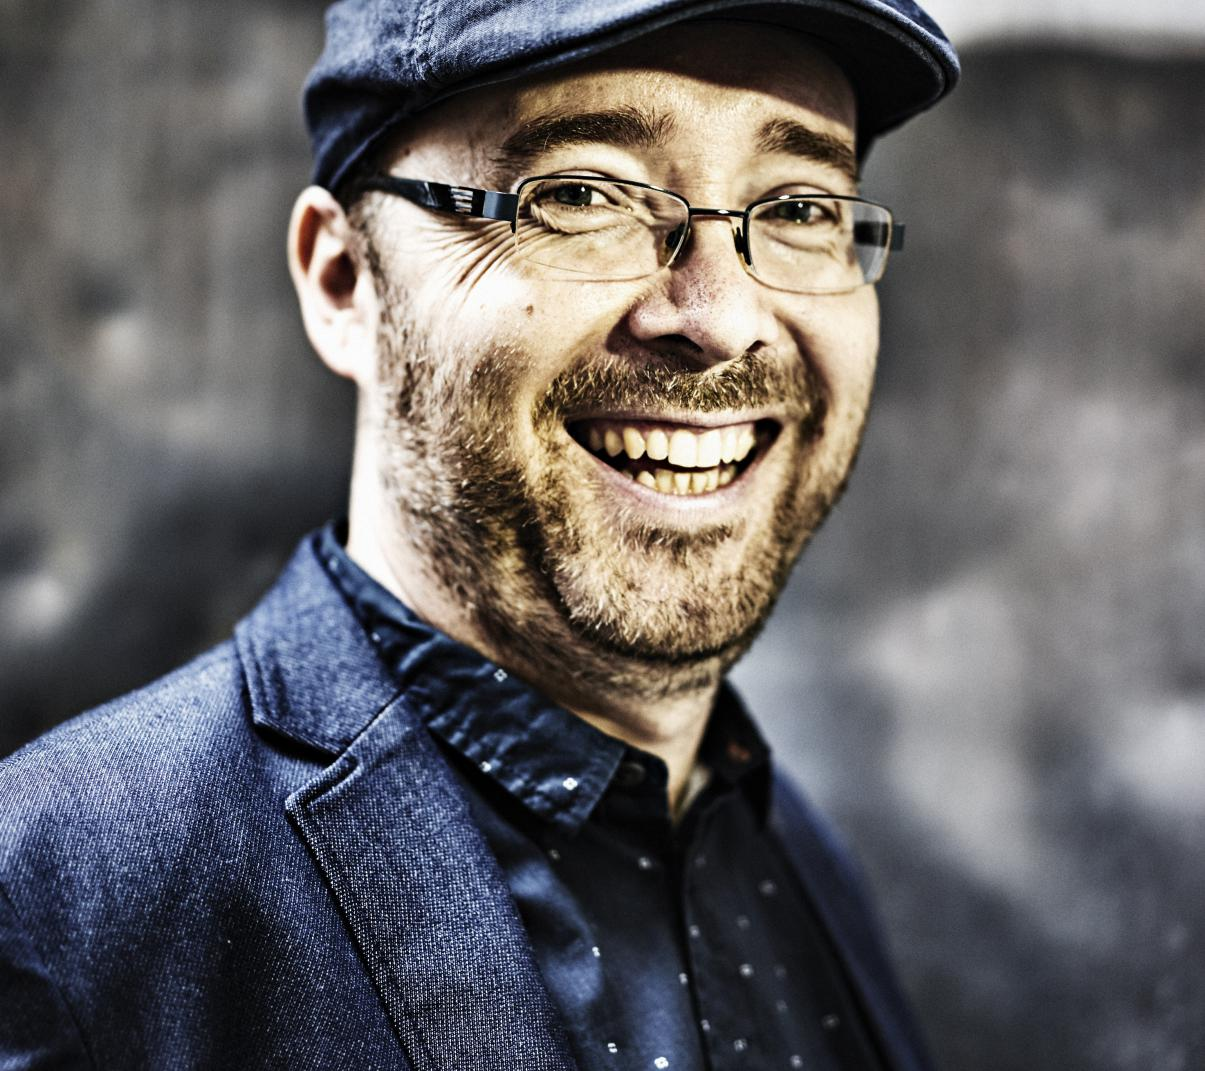 Michal Nejtek (photo Jiří Turek)